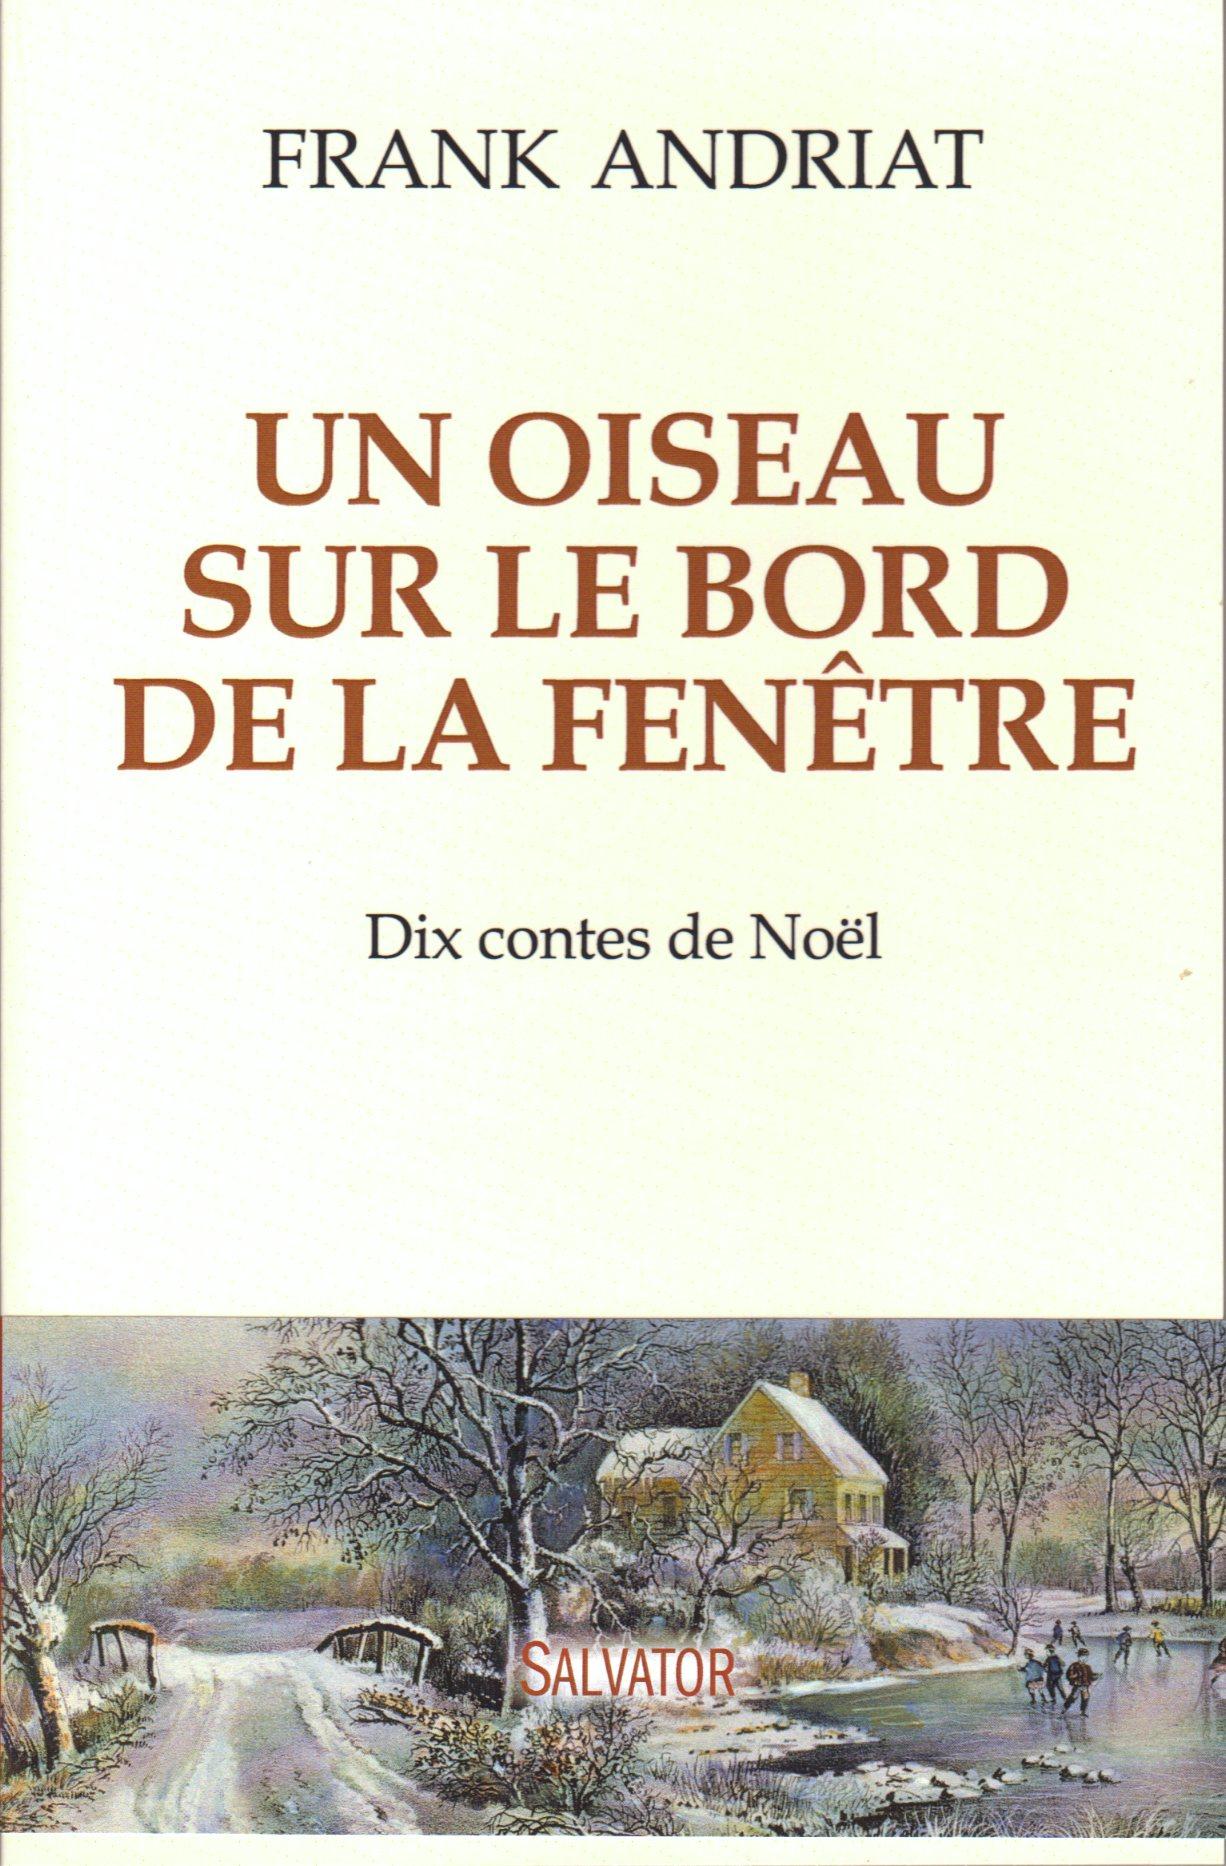 Frank andriat un oiseau sur le bord de la fen tre salvator for Histoire de la fenetre